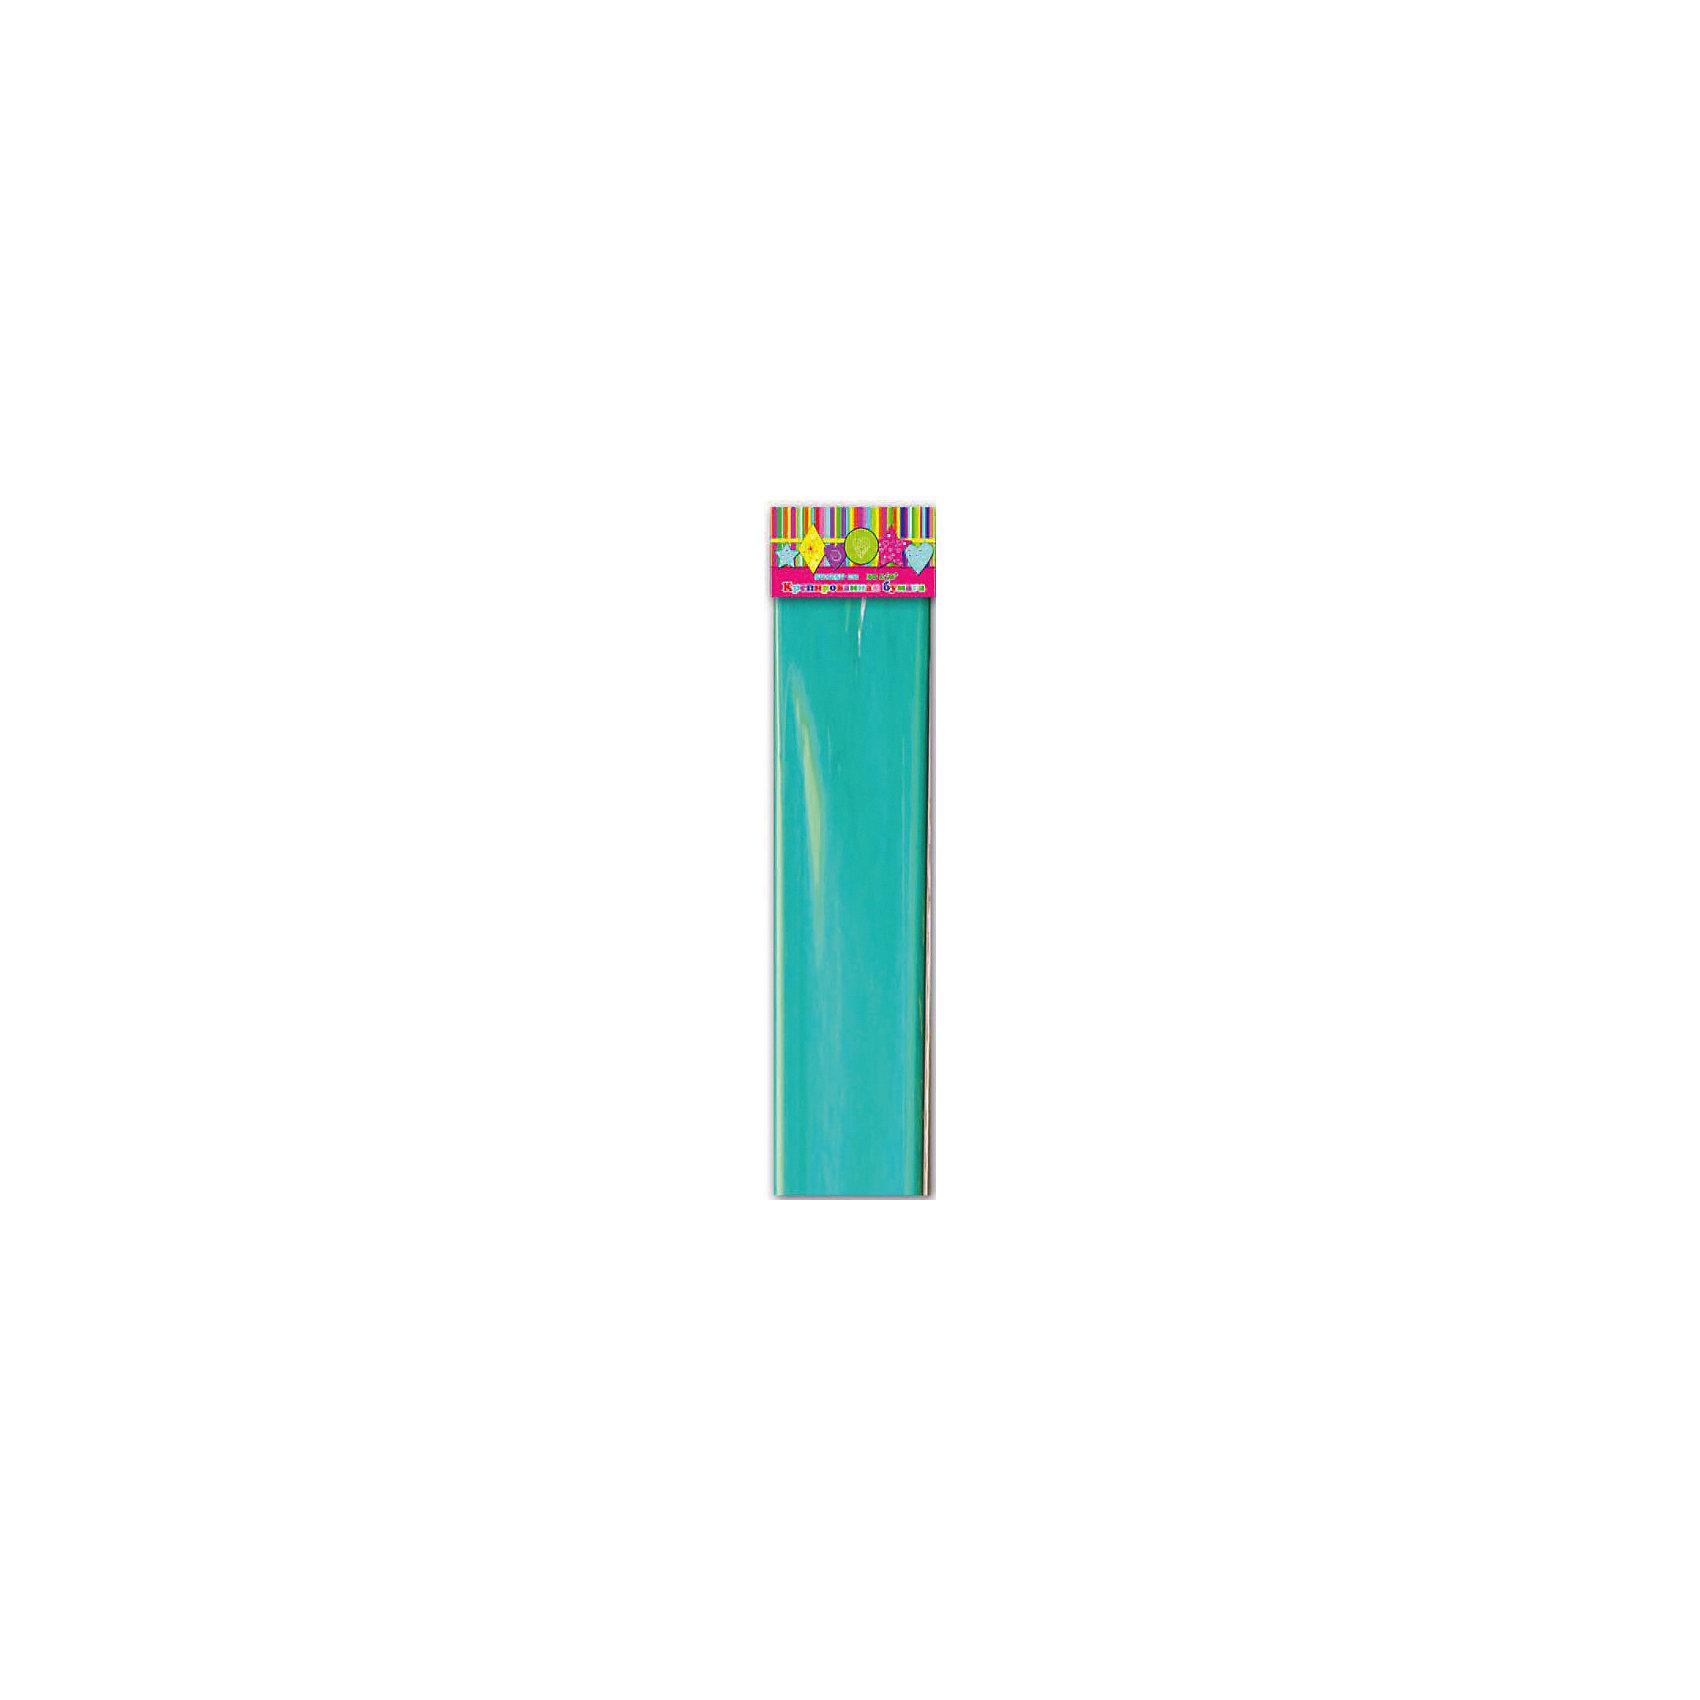 Бумага голубая эластичная крепированнаяИзумительная крепированная бумага голубого цвета, из нее Ваш малыш сможет сделать множество ярких цветов или другие поделки.<br><br>Дополнительная информация:<br><br>- Возраст: от 3 лет.<br>- 1 лист.<br>- Цвет: голубой.<br>- Материал: бумага.<br>- Размеры: 50х250 см.<br>- Размер упаковки: 51х11х0,5 см.<br>- Вес в упаковке: 40 г. <br><br>Купить эластичную крепированную бумагу в голубом цвете, можно в нашем магазине.<br><br>Ширина мм: 510<br>Глубина мм: 100<br>Высота мм: 5<br>Вес г: 40<br>Возраст от месяцев: 36<br>Возраст до месяцев: 2147483647<br>Пол: Унисекс<br>Возраст: Детский<br>SKU: 4943541